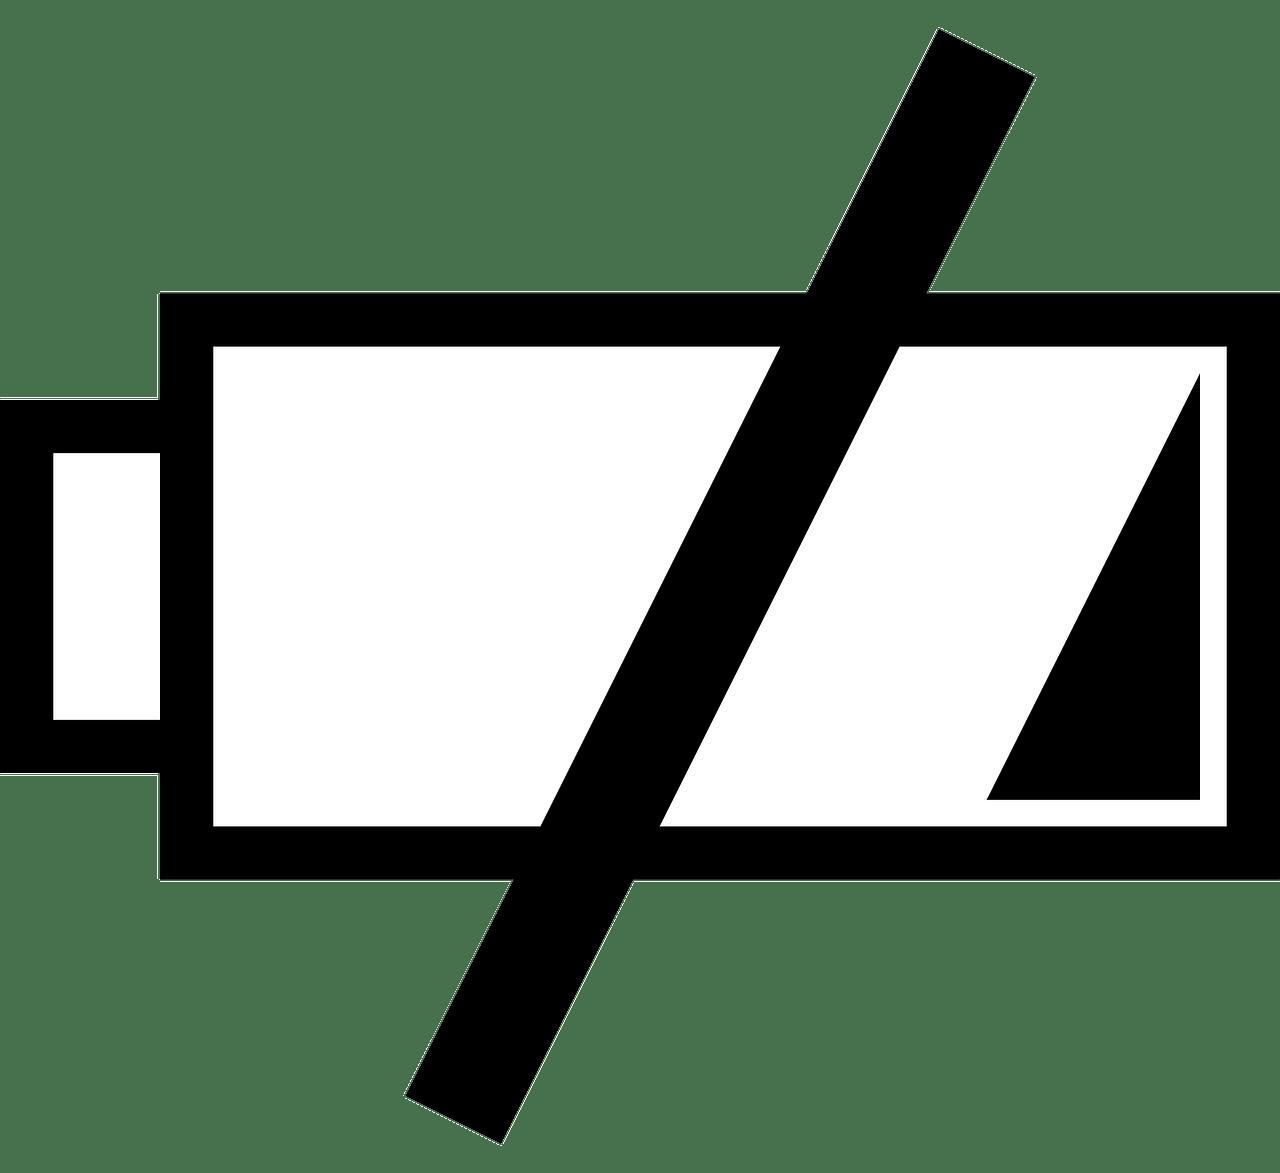 Baterias de portátil y su correcto uso